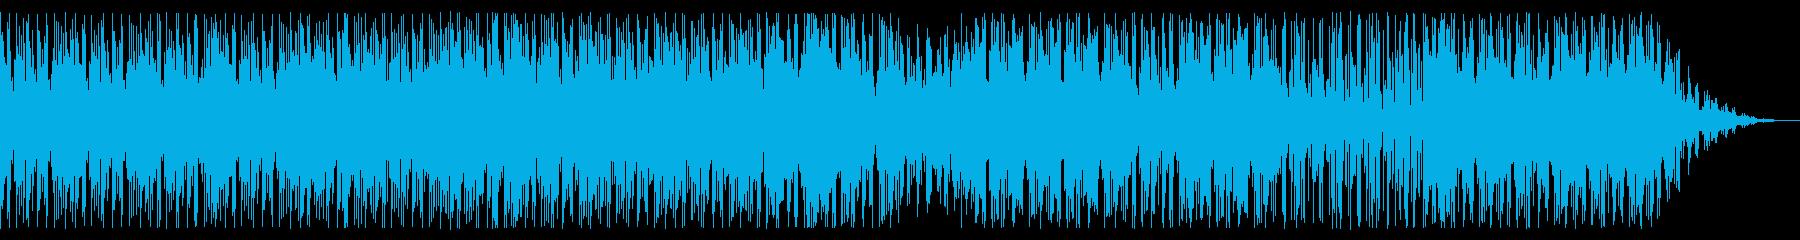 陽気で能天気なアフロビート風BGMの再生済みの波形